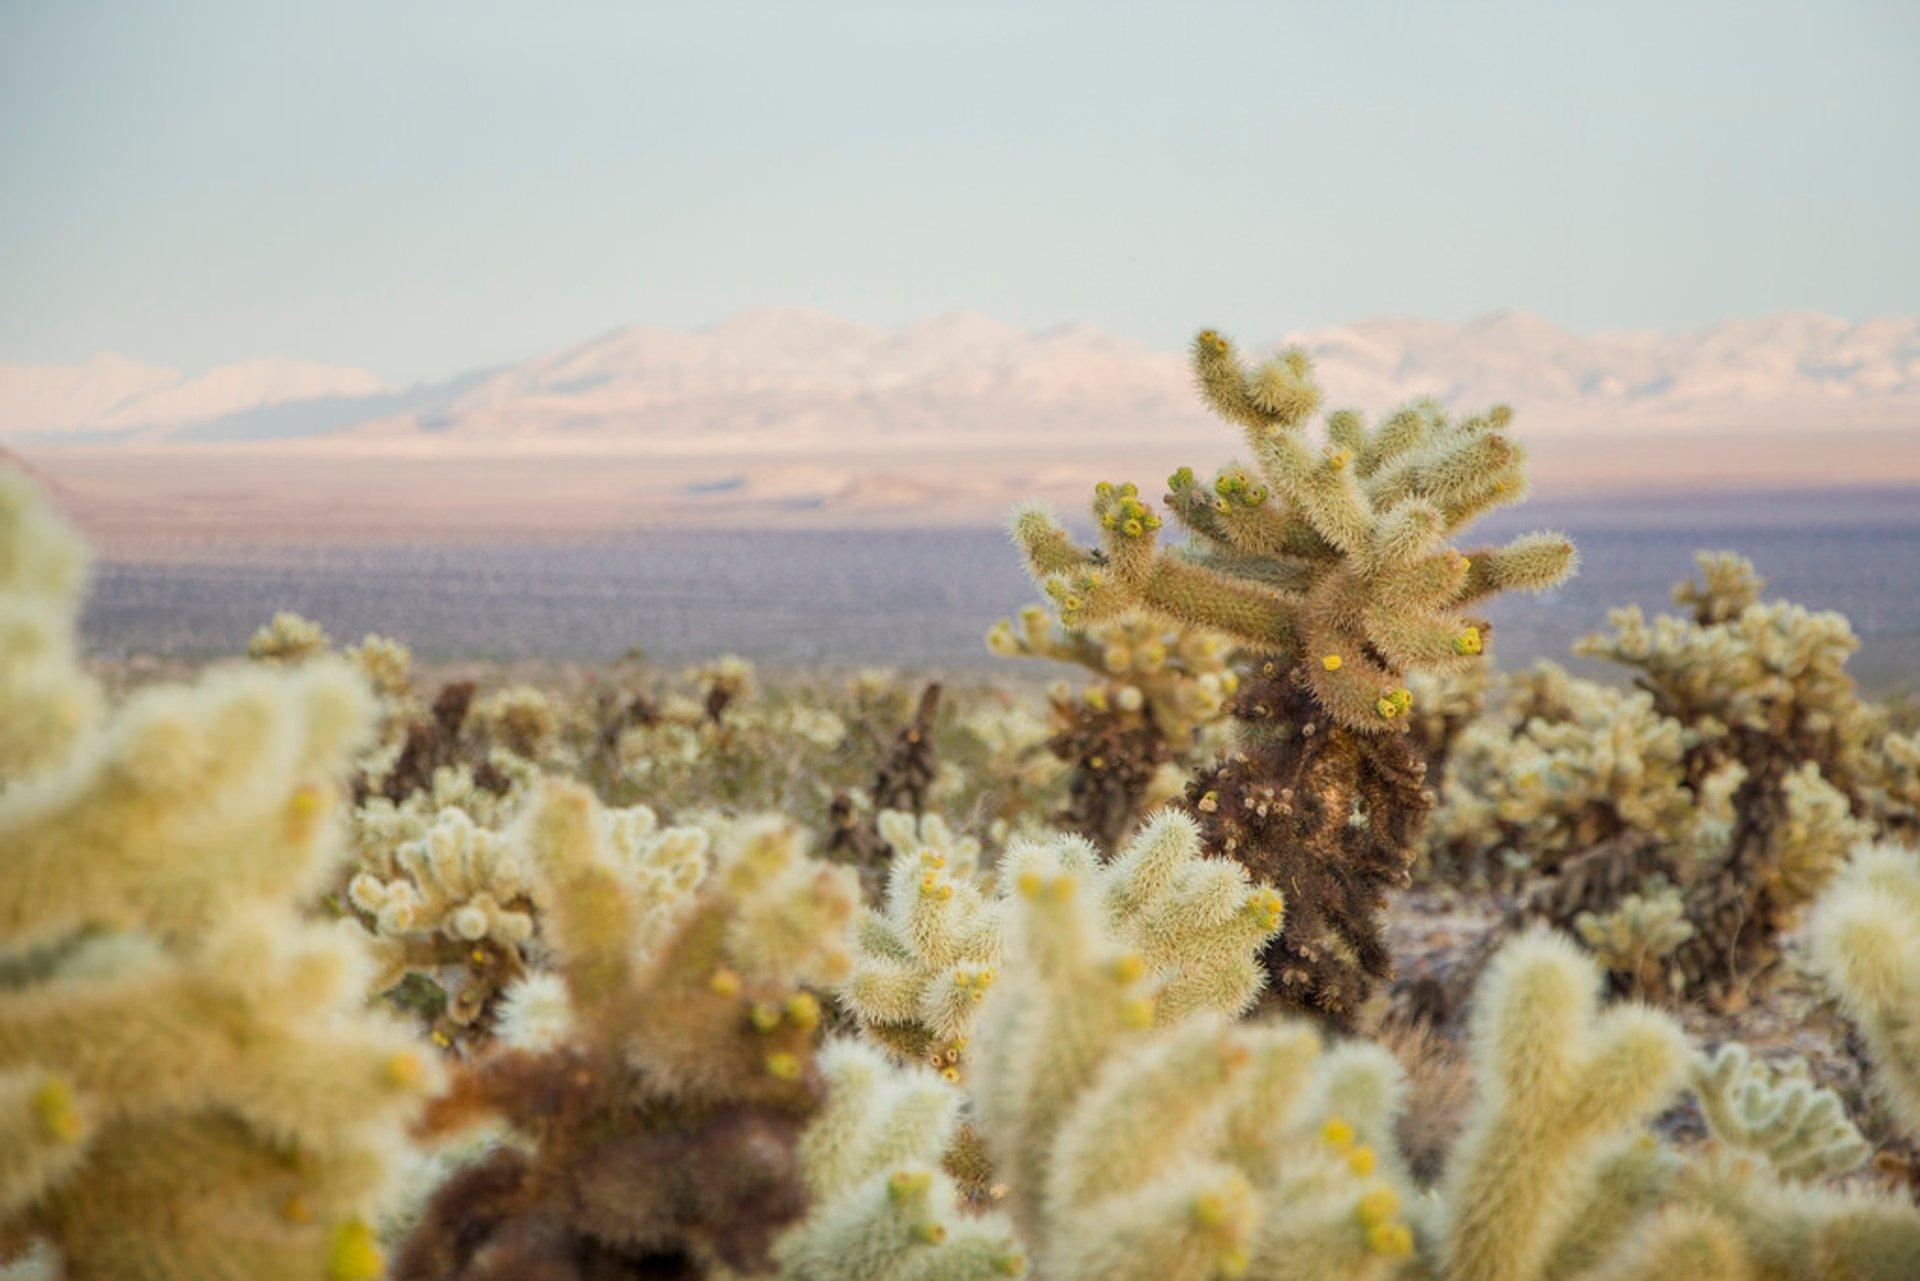 Cactus Blooming in Los Angeles - Best Season 2020